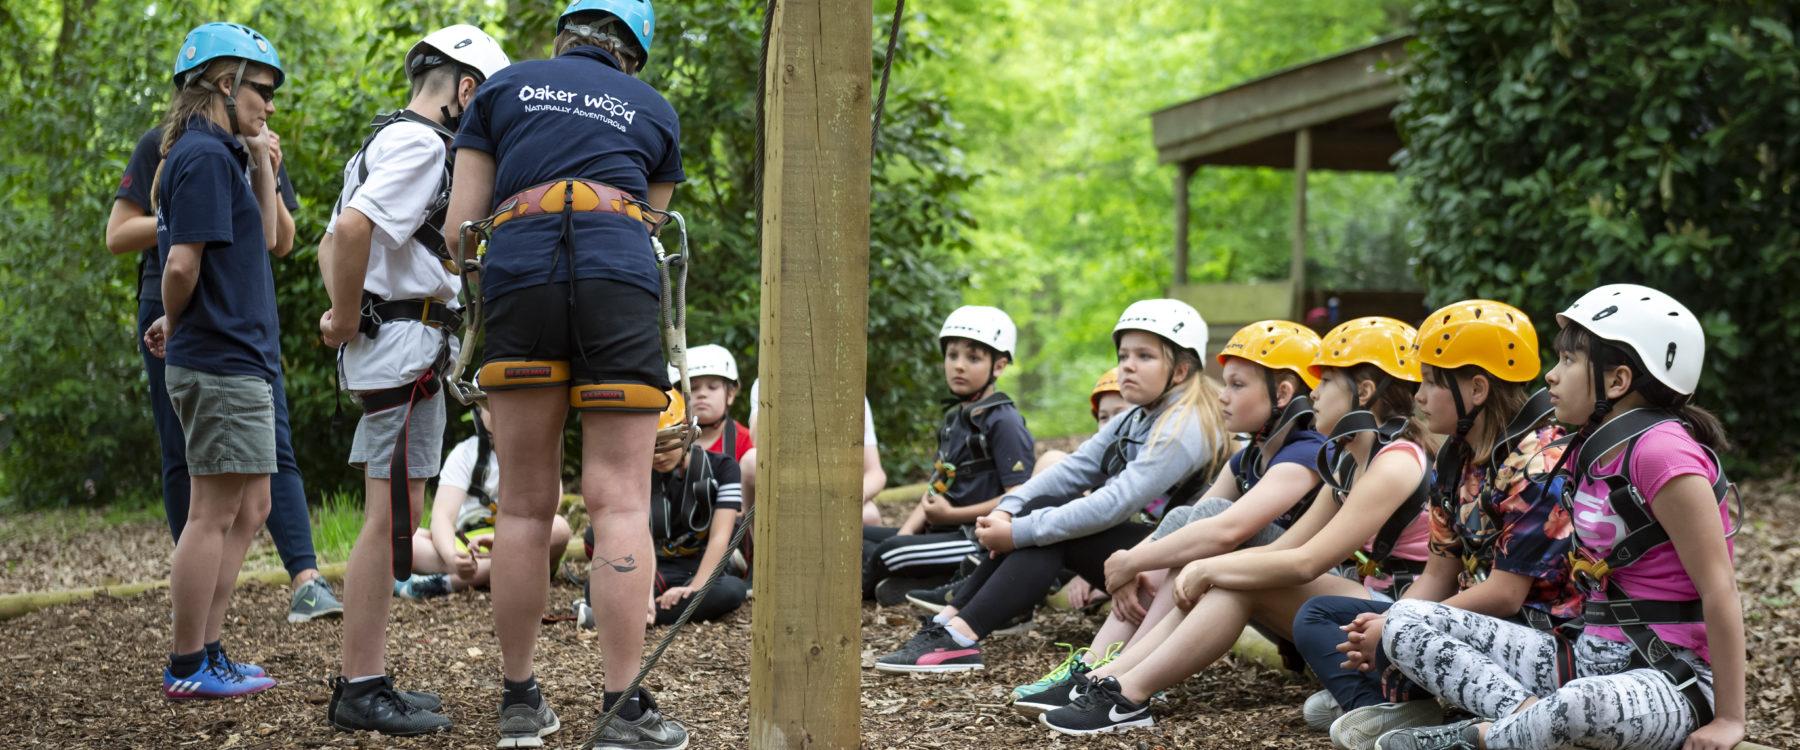 High Ropes at Oaker Wood